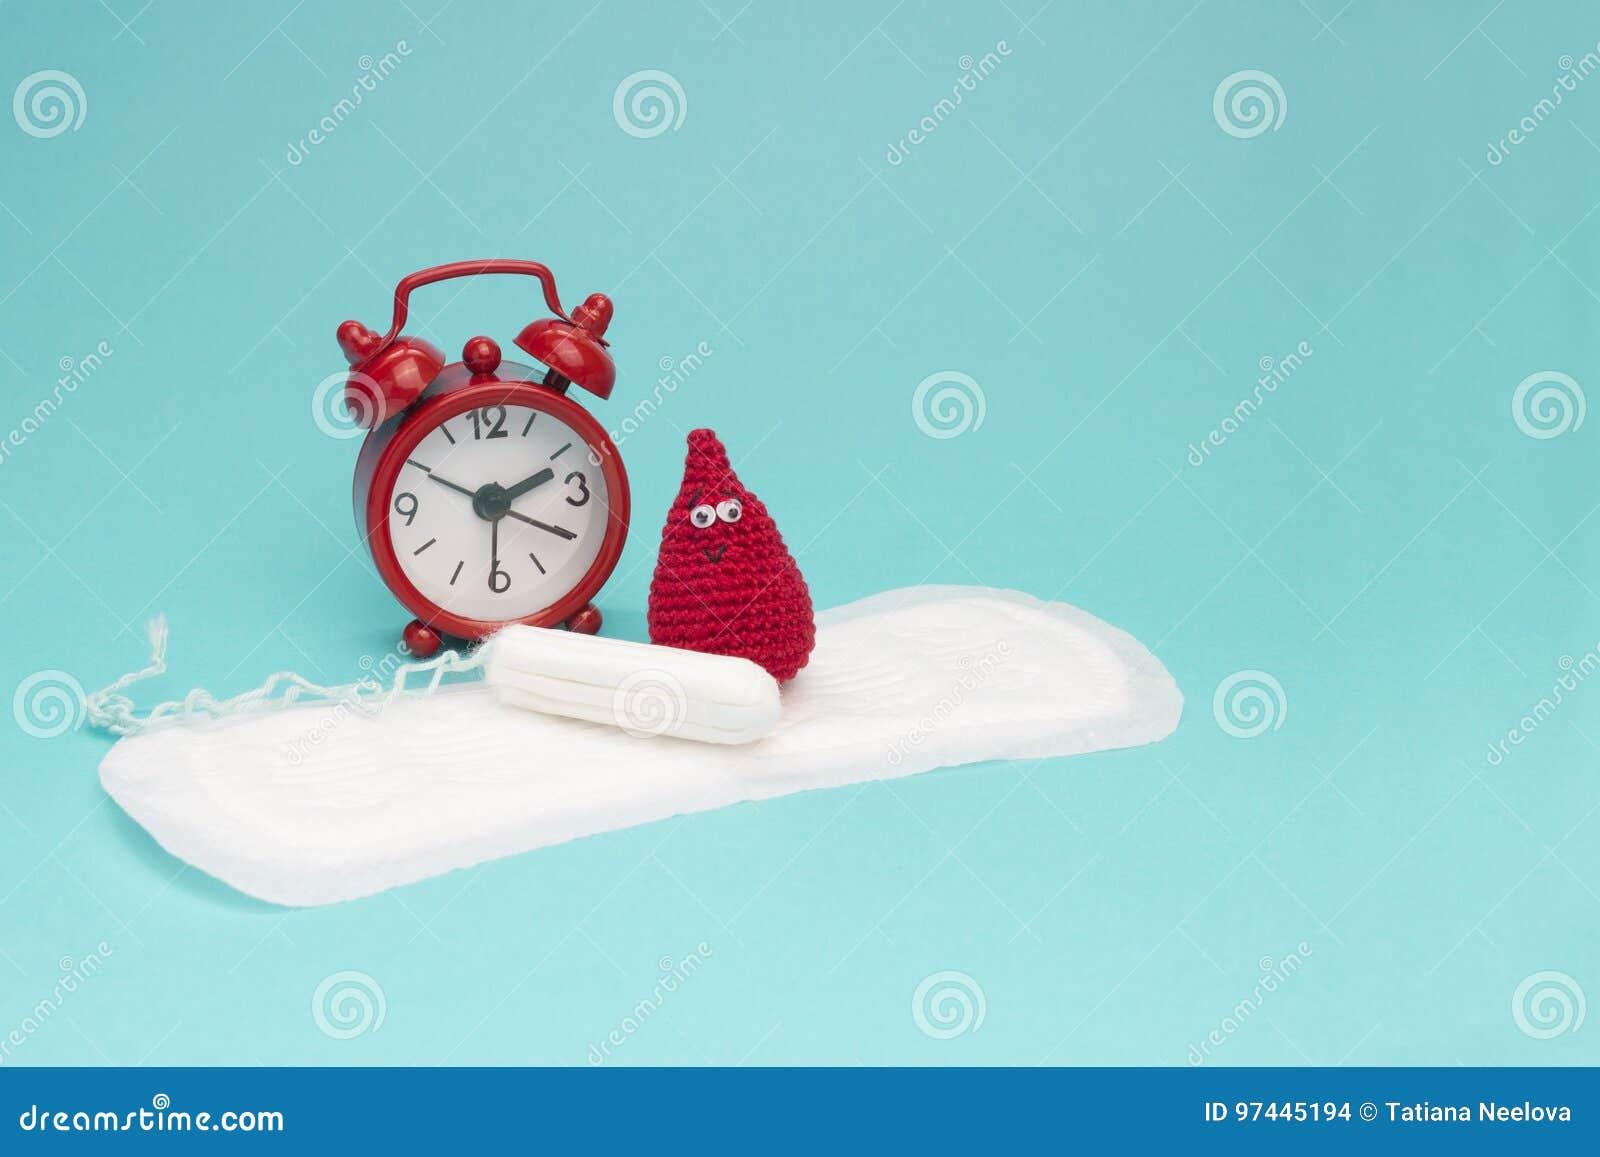 红色闹钟、梦想的微笑钩针编织血液下落、每日月经垫和棉塞 月经有益健康的妇女卫生学 妇女criti